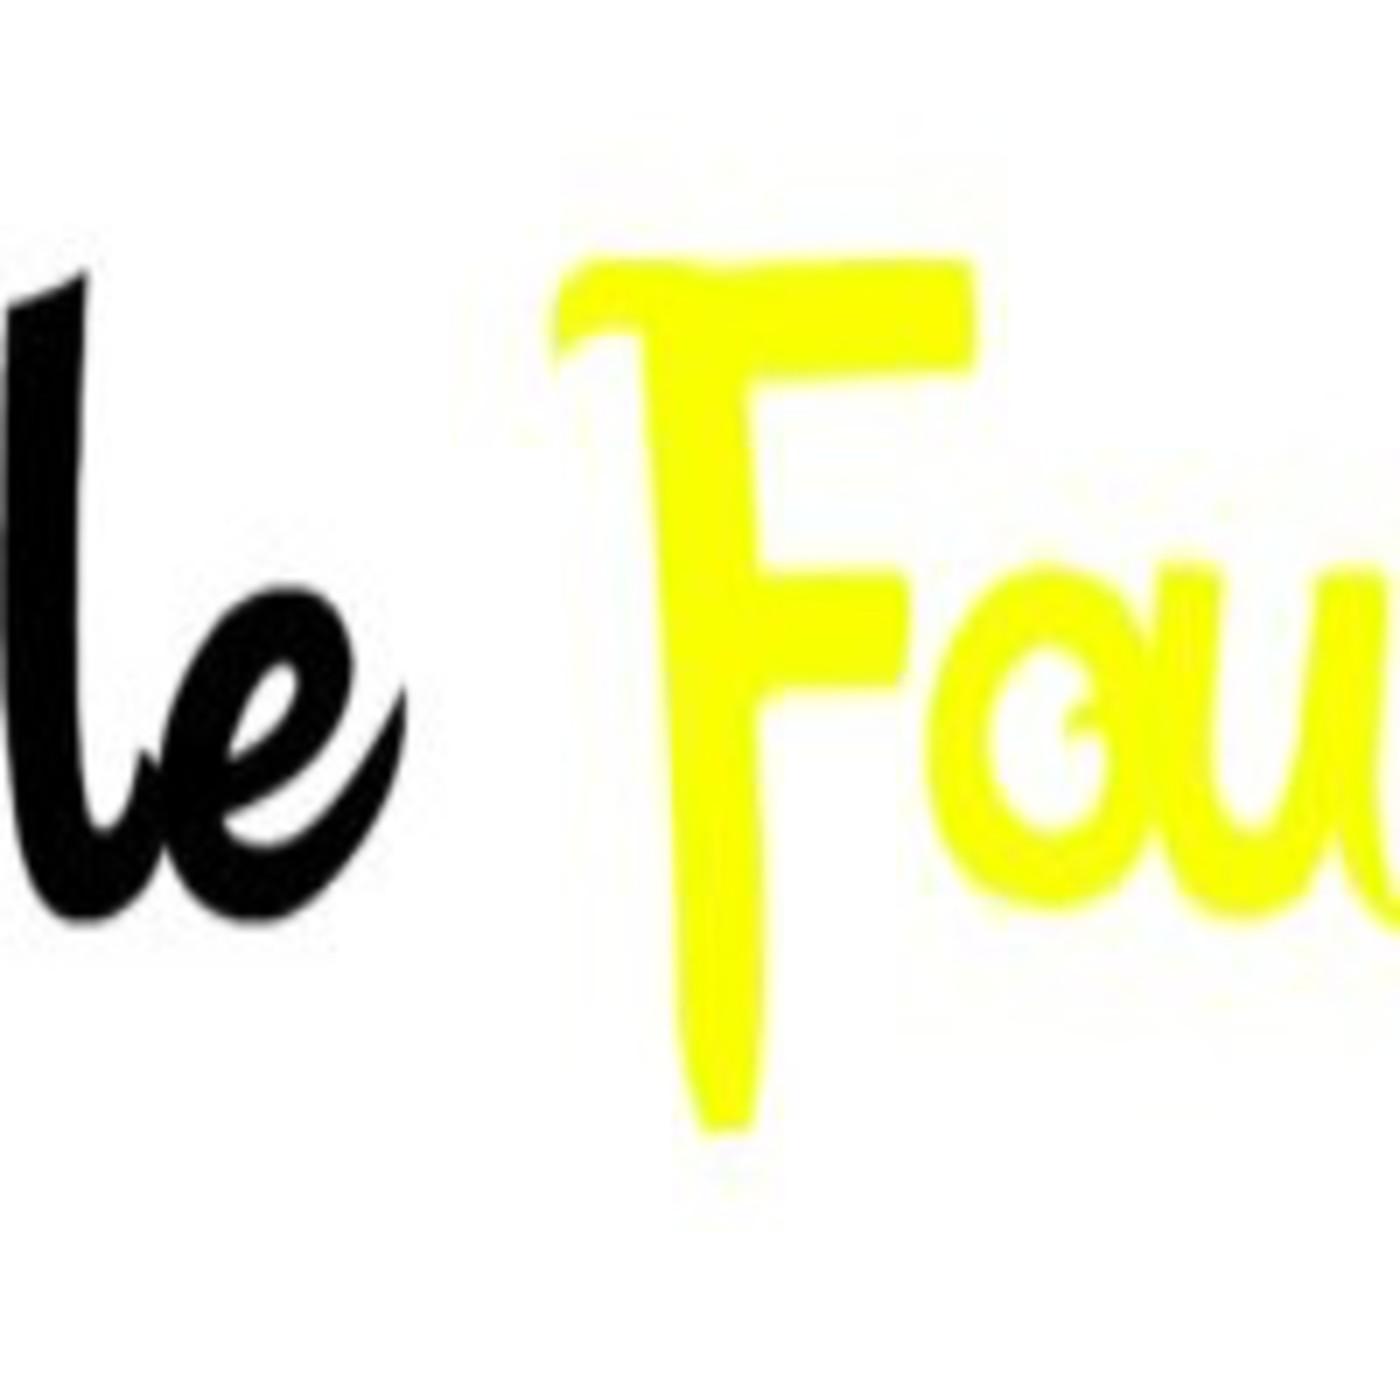 <![CDATA[Le Fou]]>